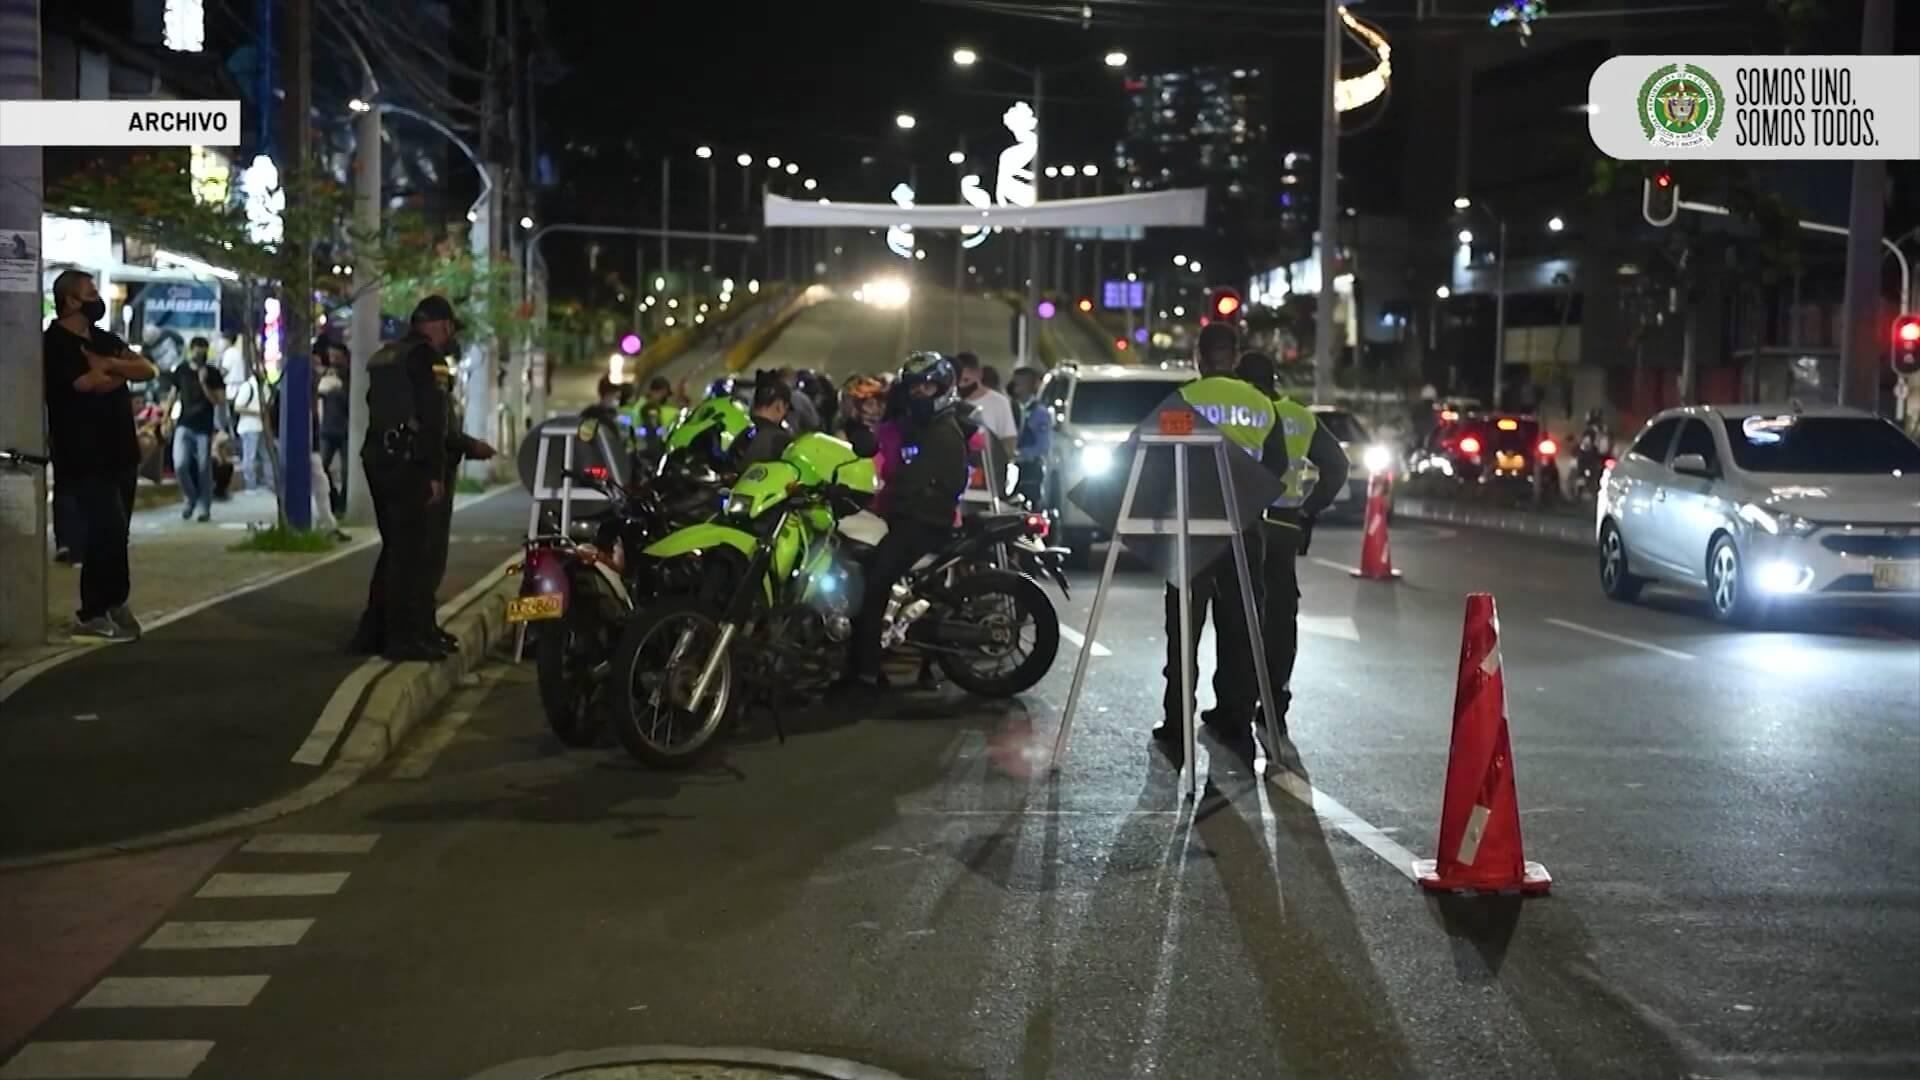 Presunto fletero muerto y otro herido en reacción policial